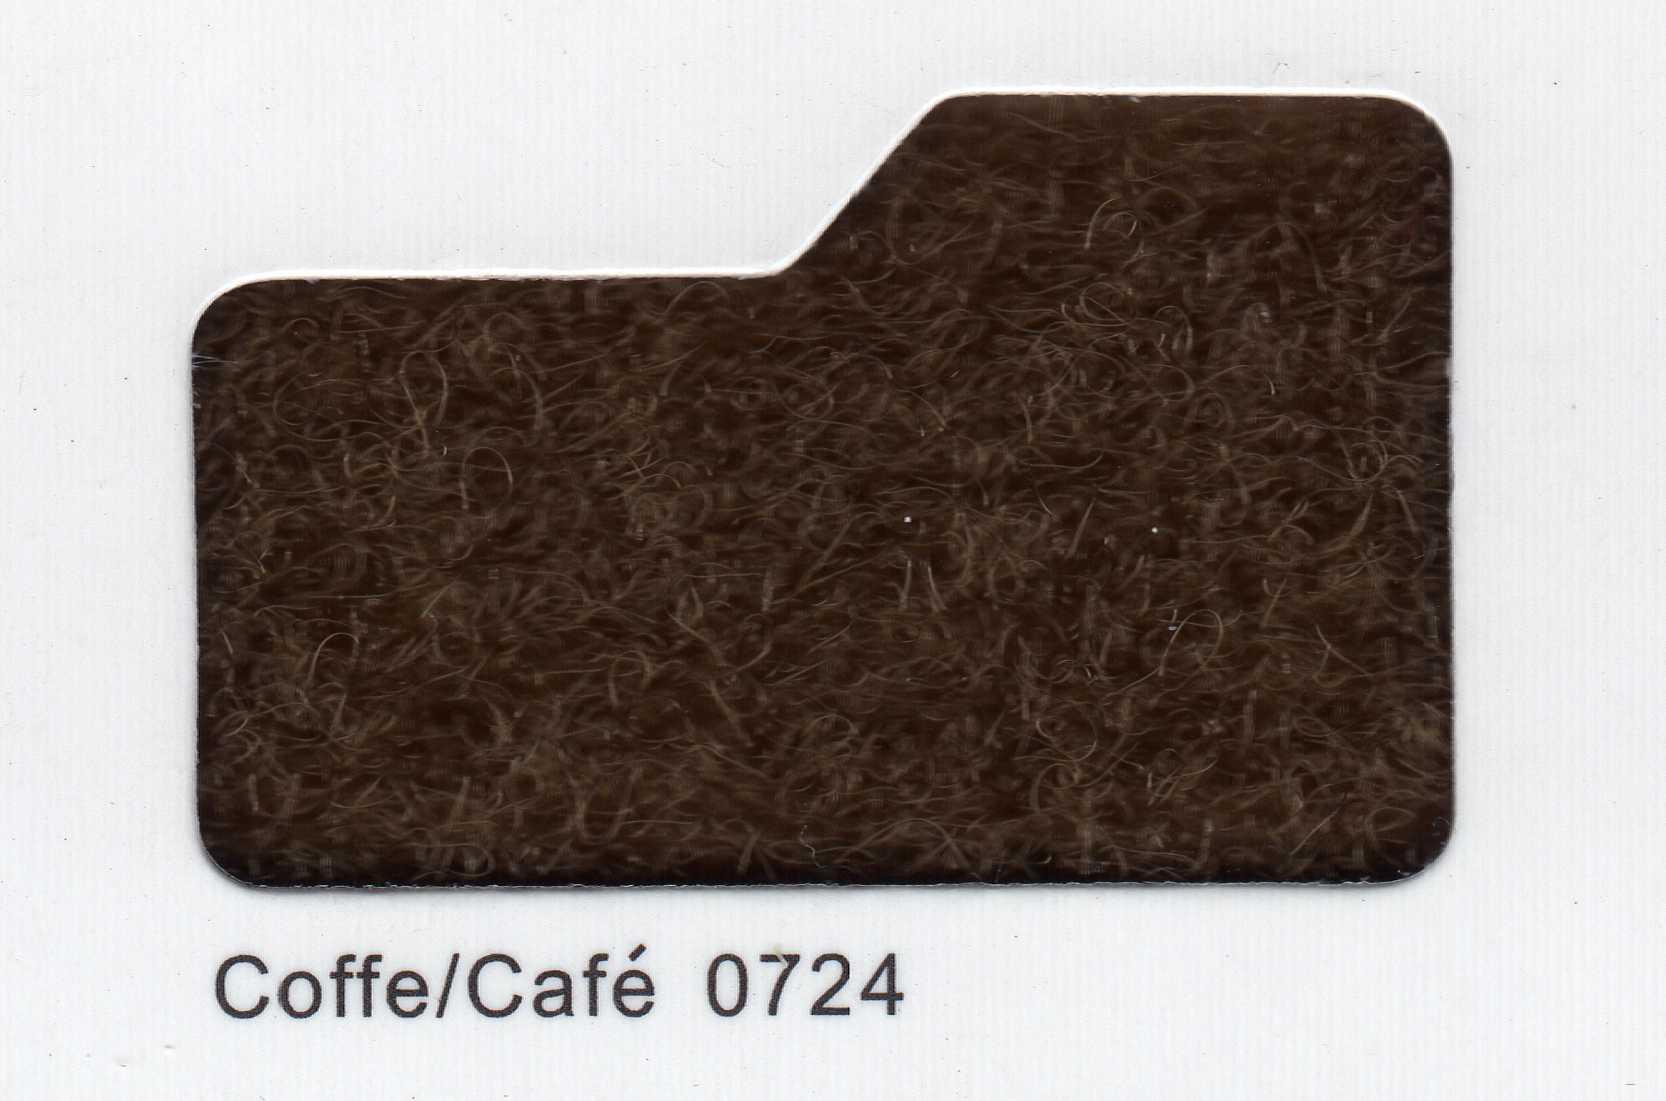 Cinta de cierre Velcro-Veraco 25mm Café 0724 (Gancho).